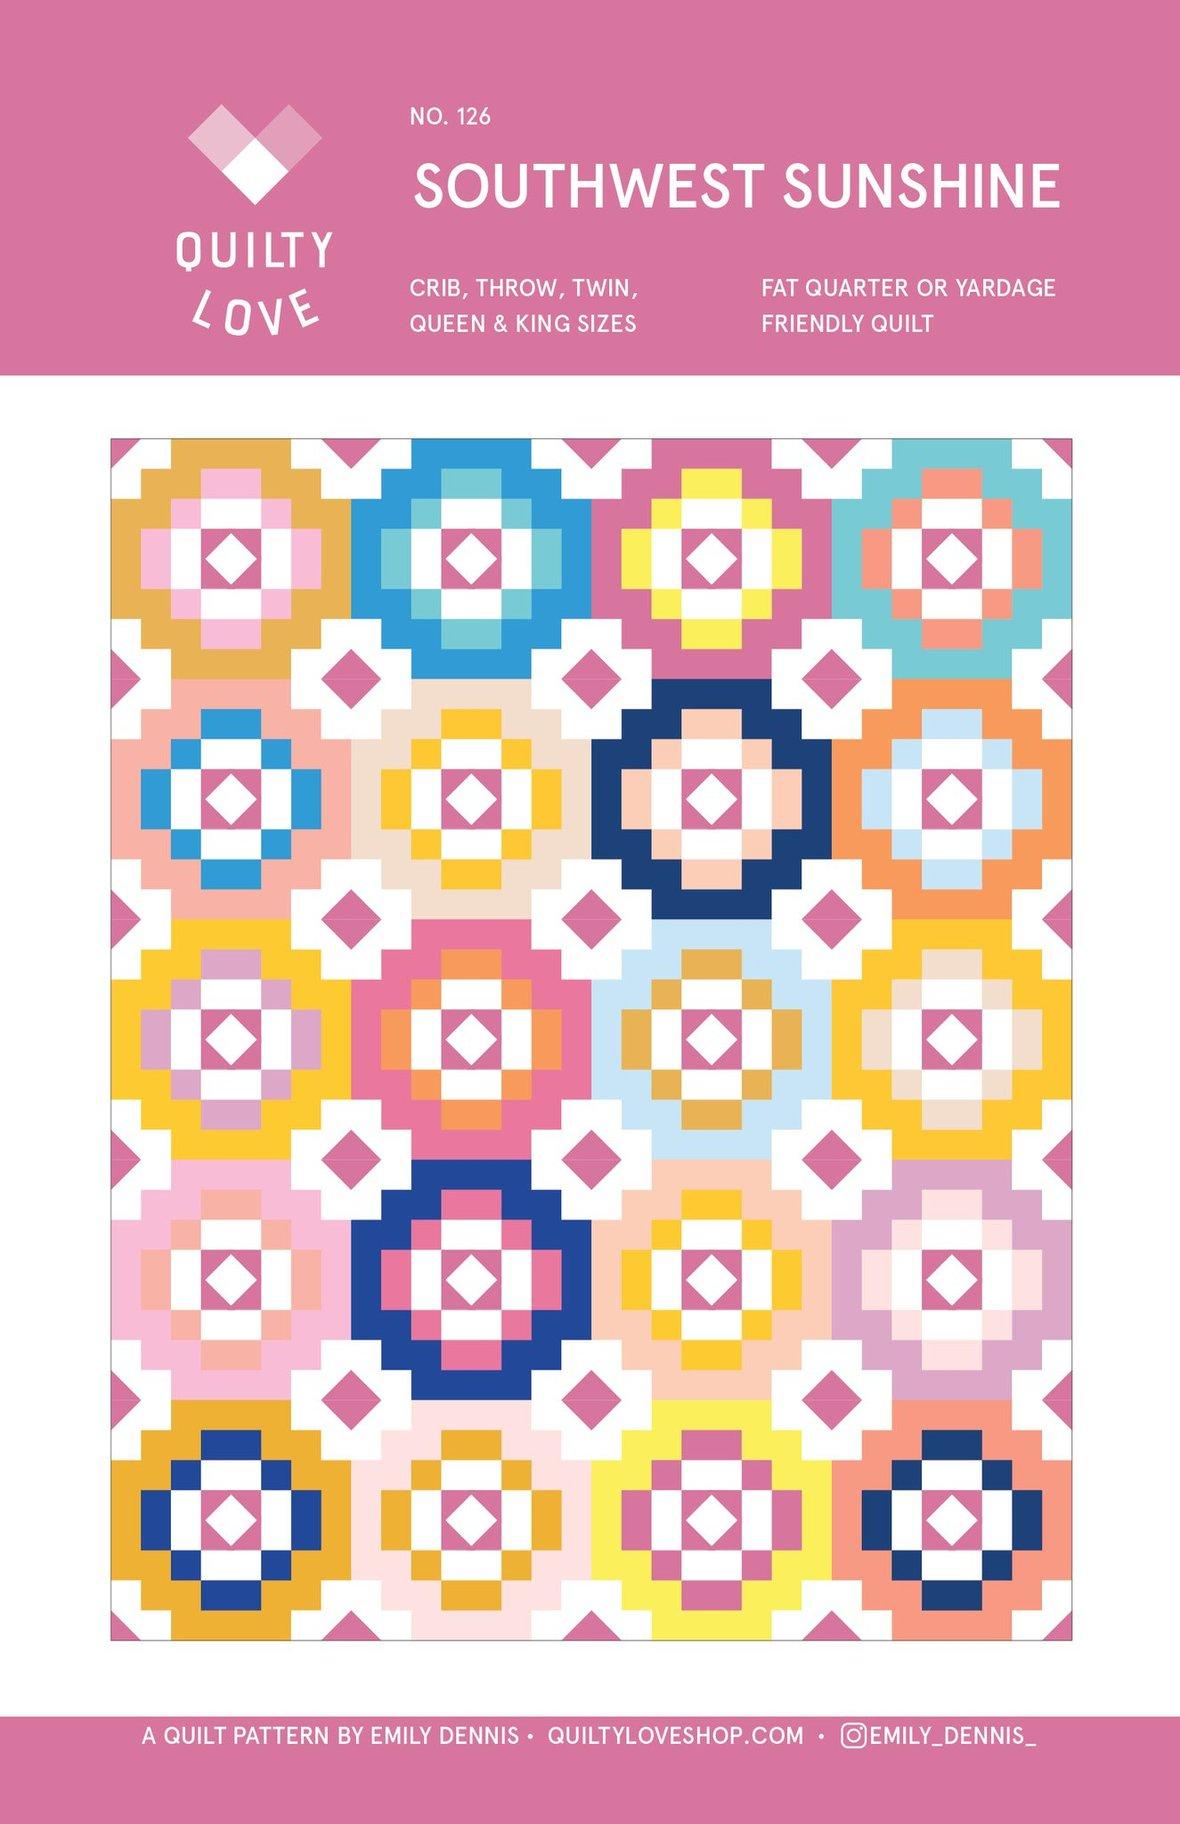 Southwest Sunshine PAPER Quilt Pattern 1024x1024 2x